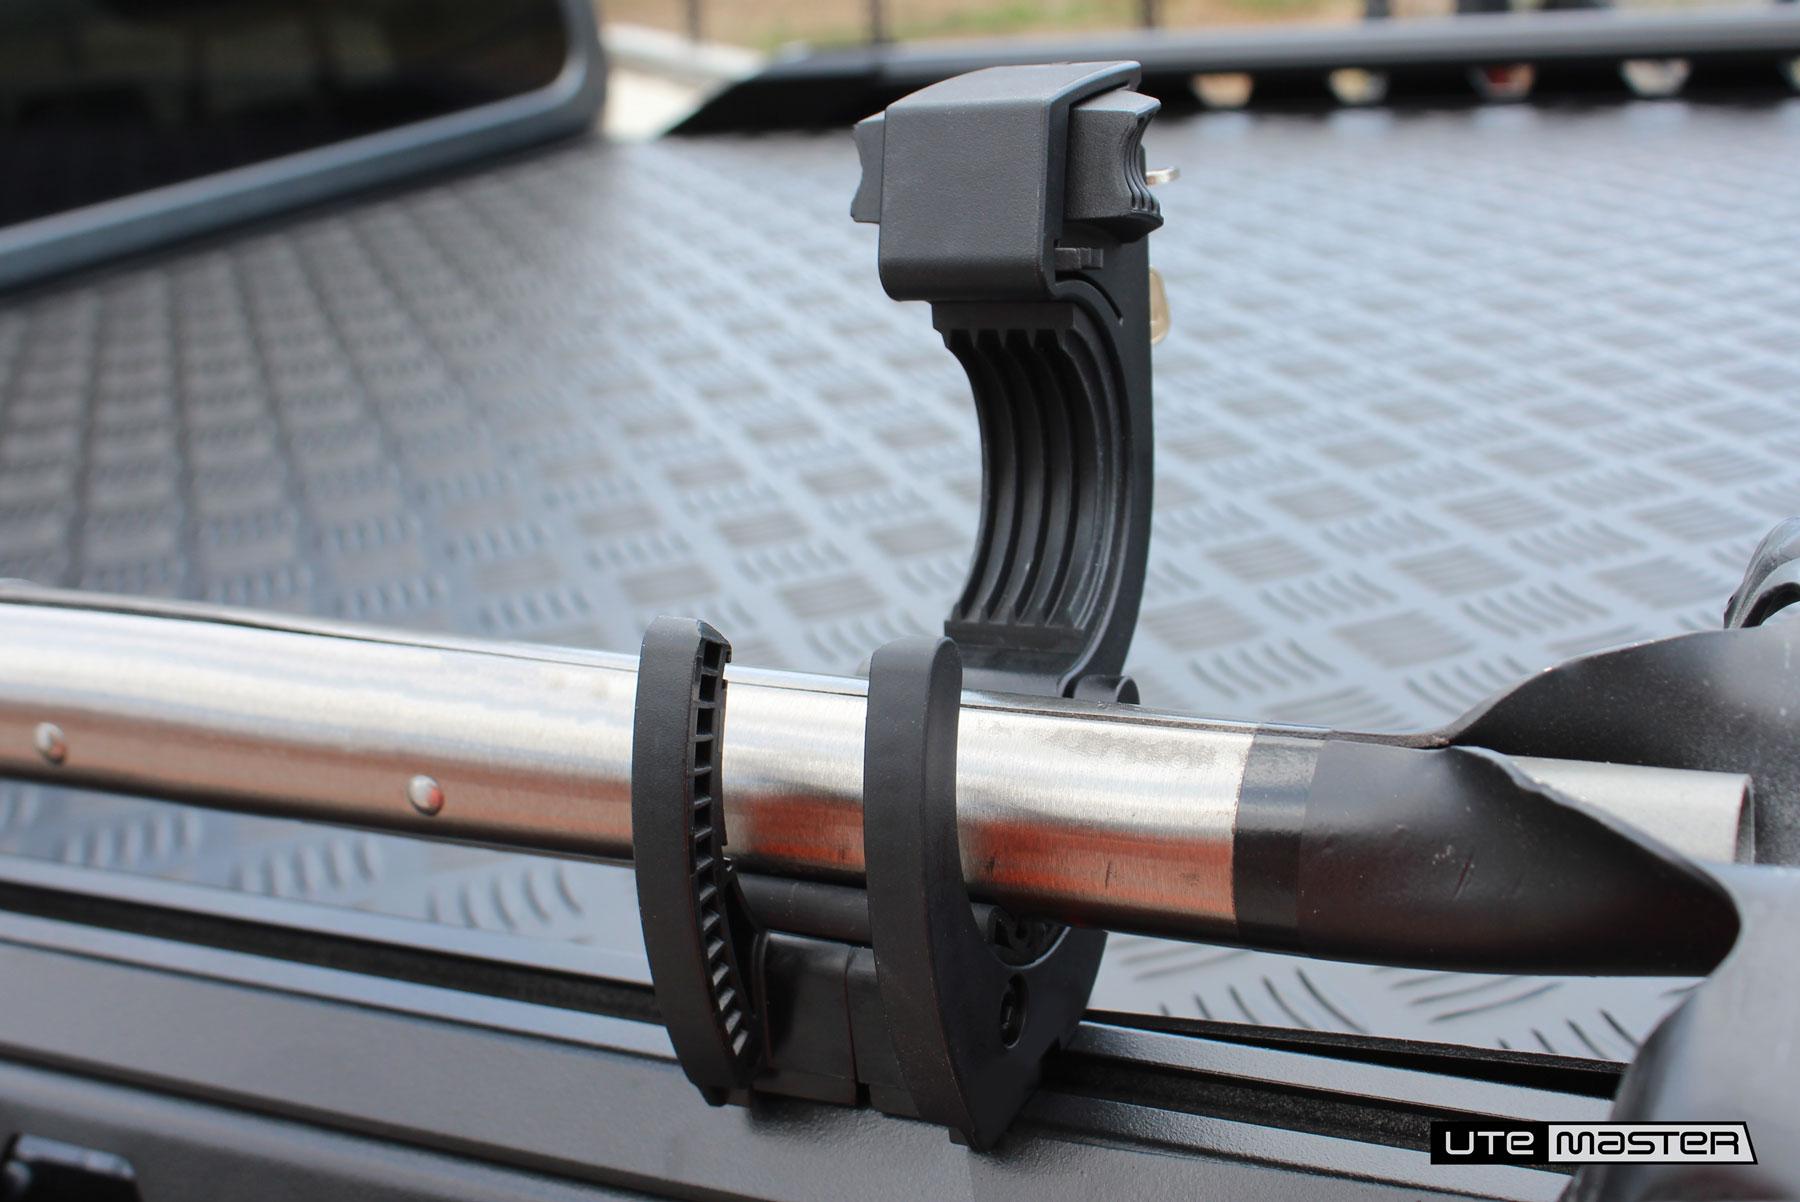 Tool Mount Kit for Utemaster Destroyer Side Rail Hard Lid